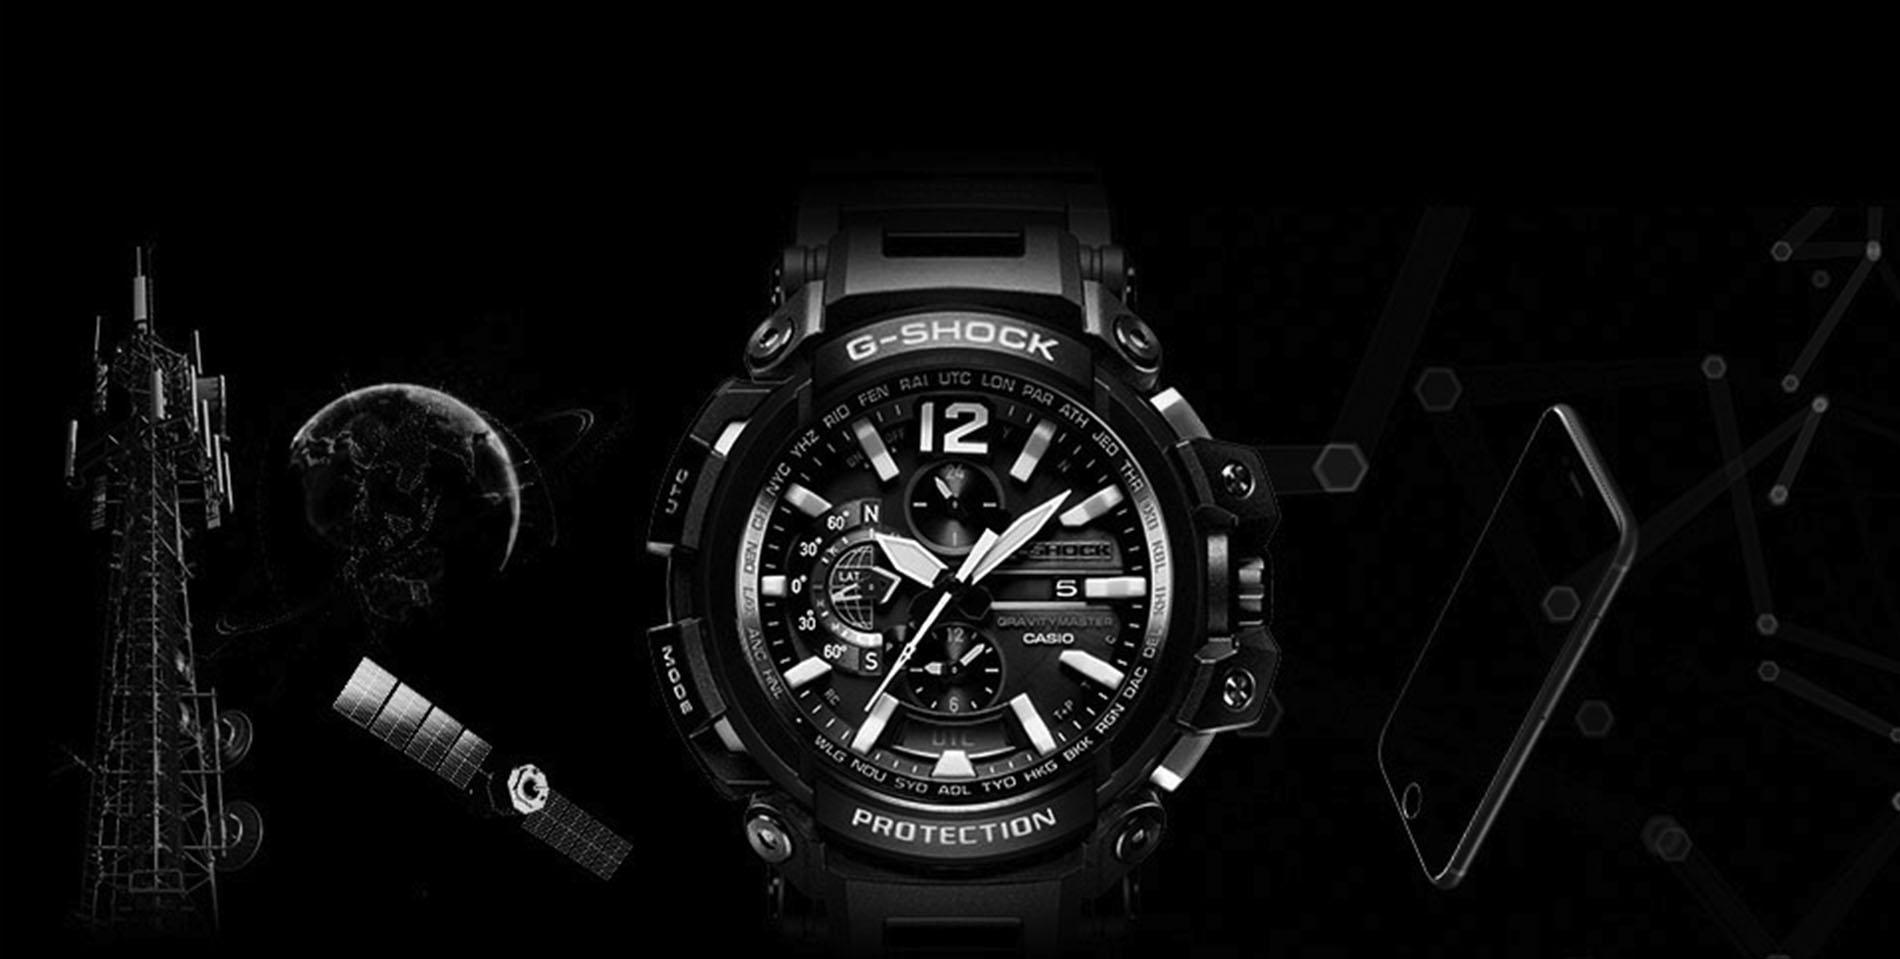 Casio G-Shock smartwatch